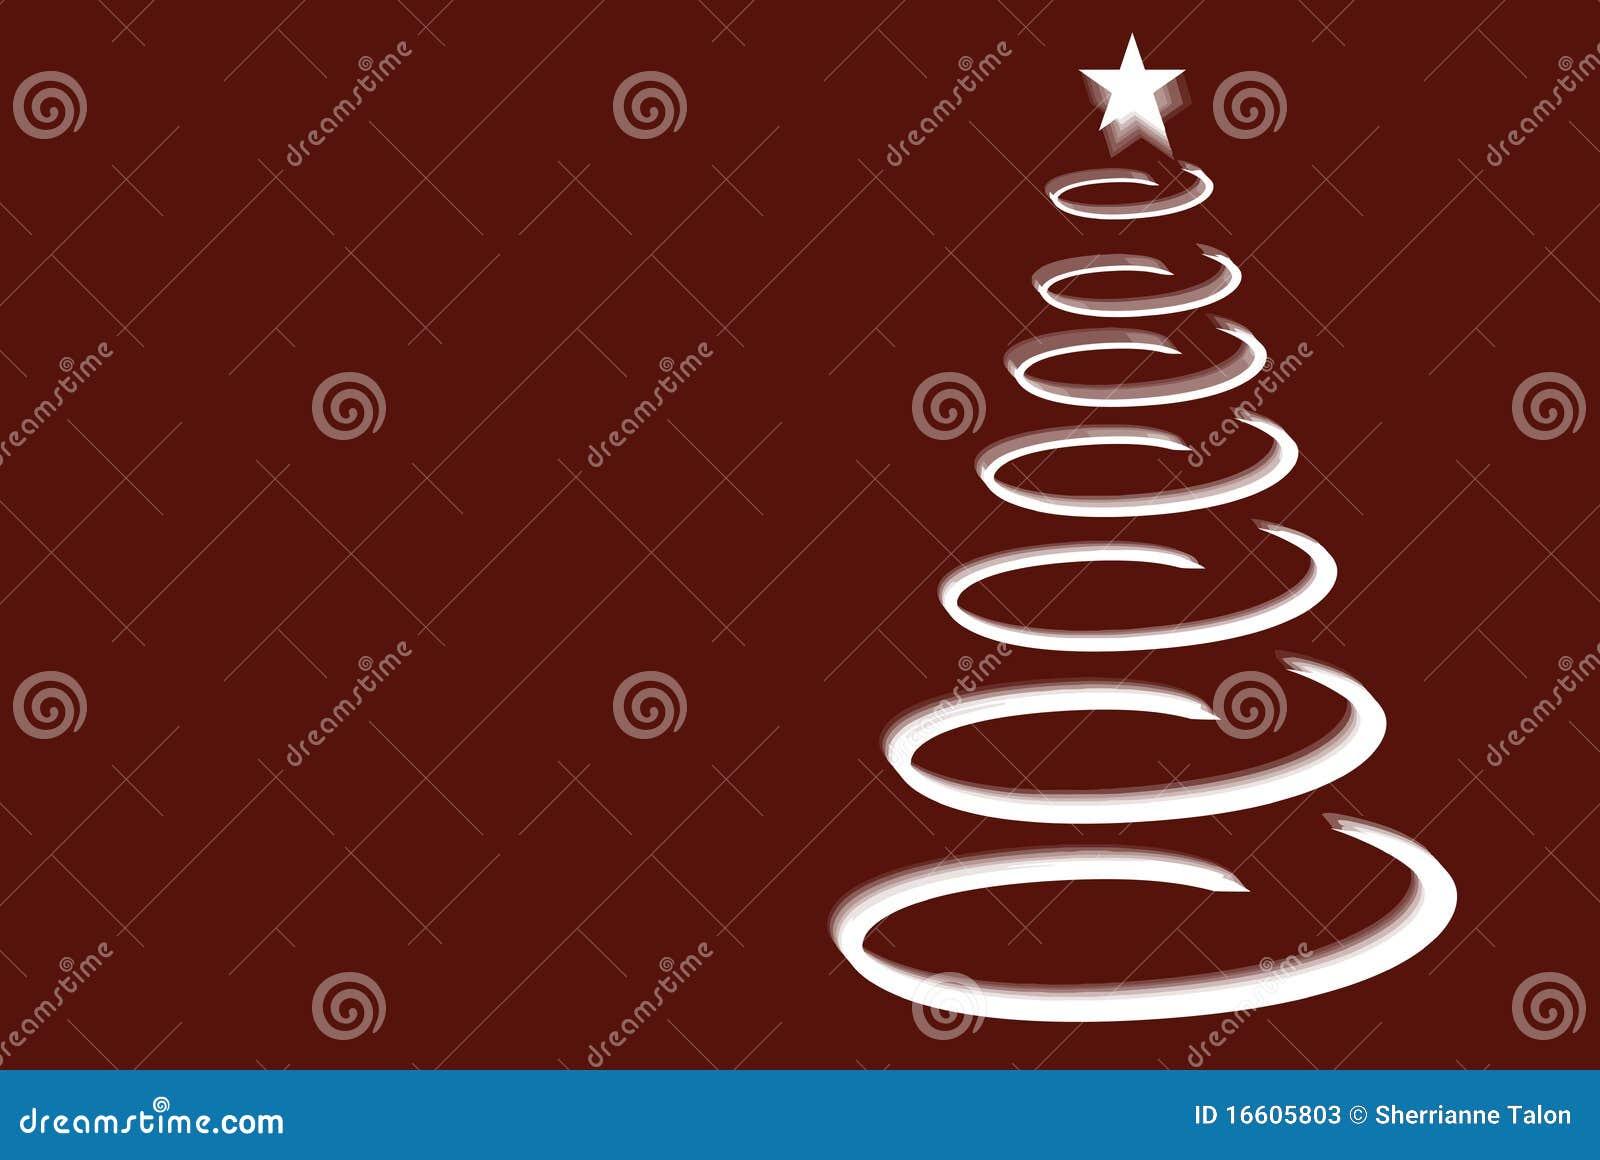 Boże narodzenia ruszać się po spirali drzewa